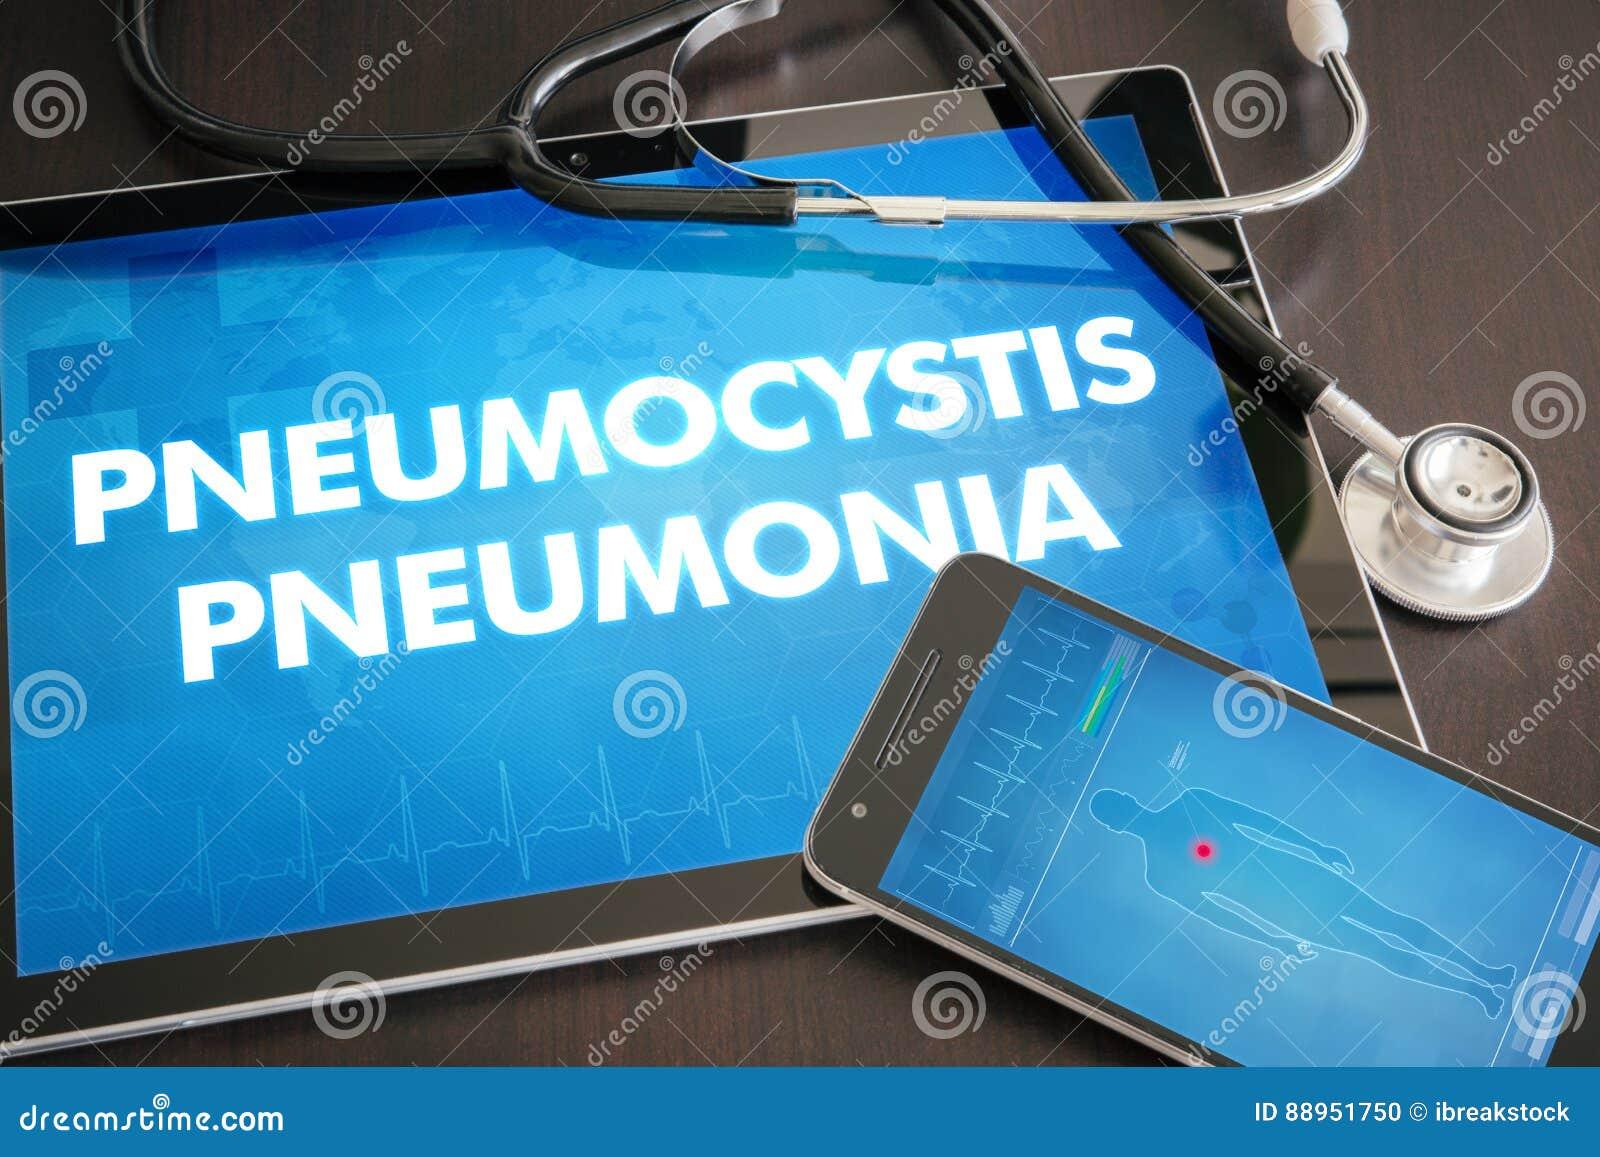 Diagnosis de la pulmonía de Pneumocystis (enfermedad infecciosa) médica